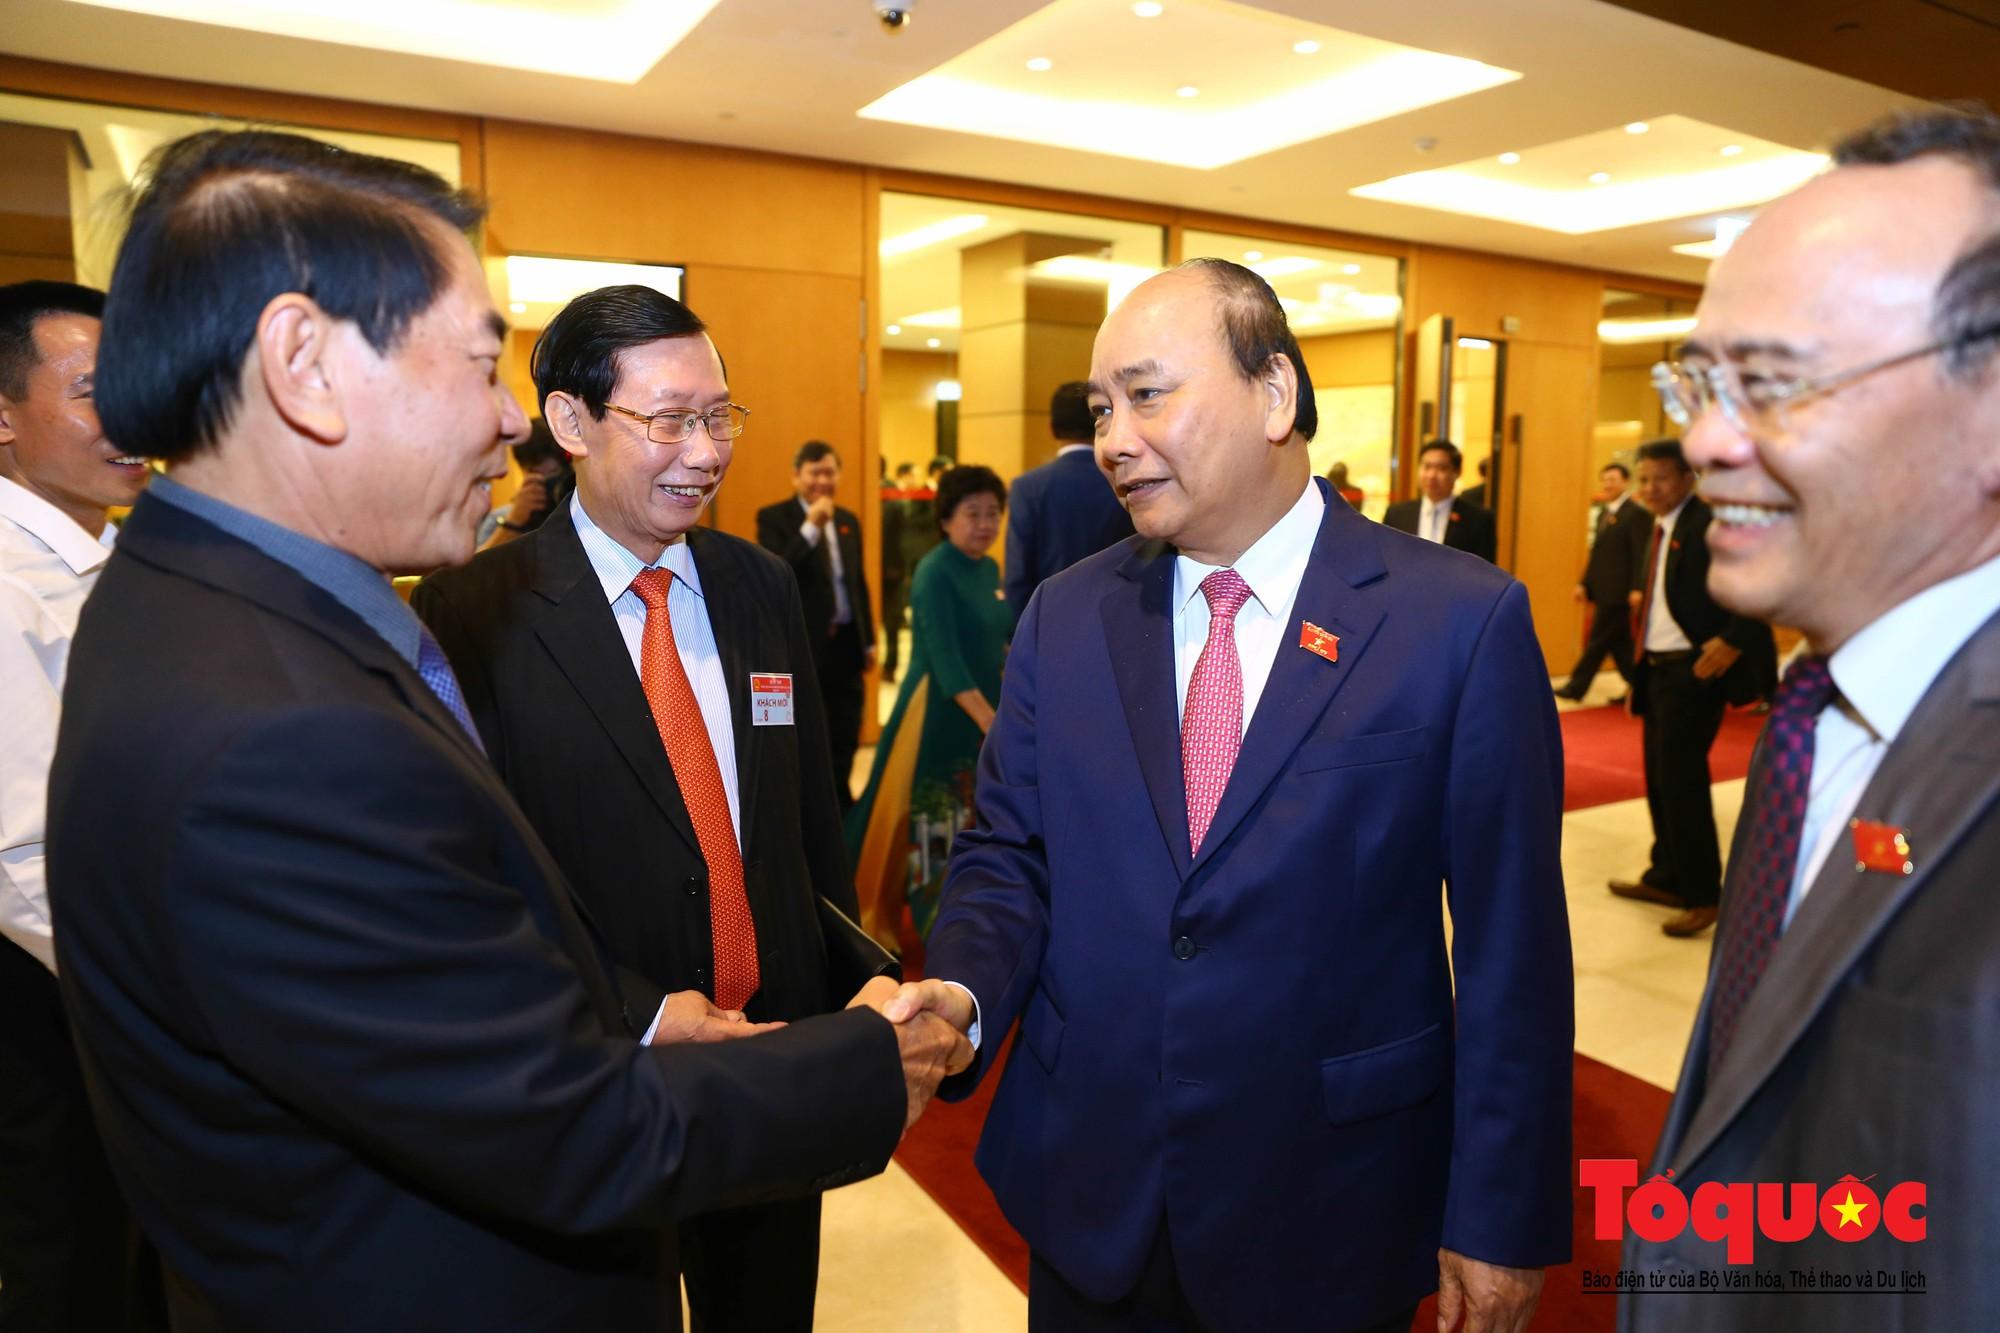 ĐBQH bên hành lang ngày khai mạc kỳ họp thứ 8, Quốc hội khóa XIV (17)